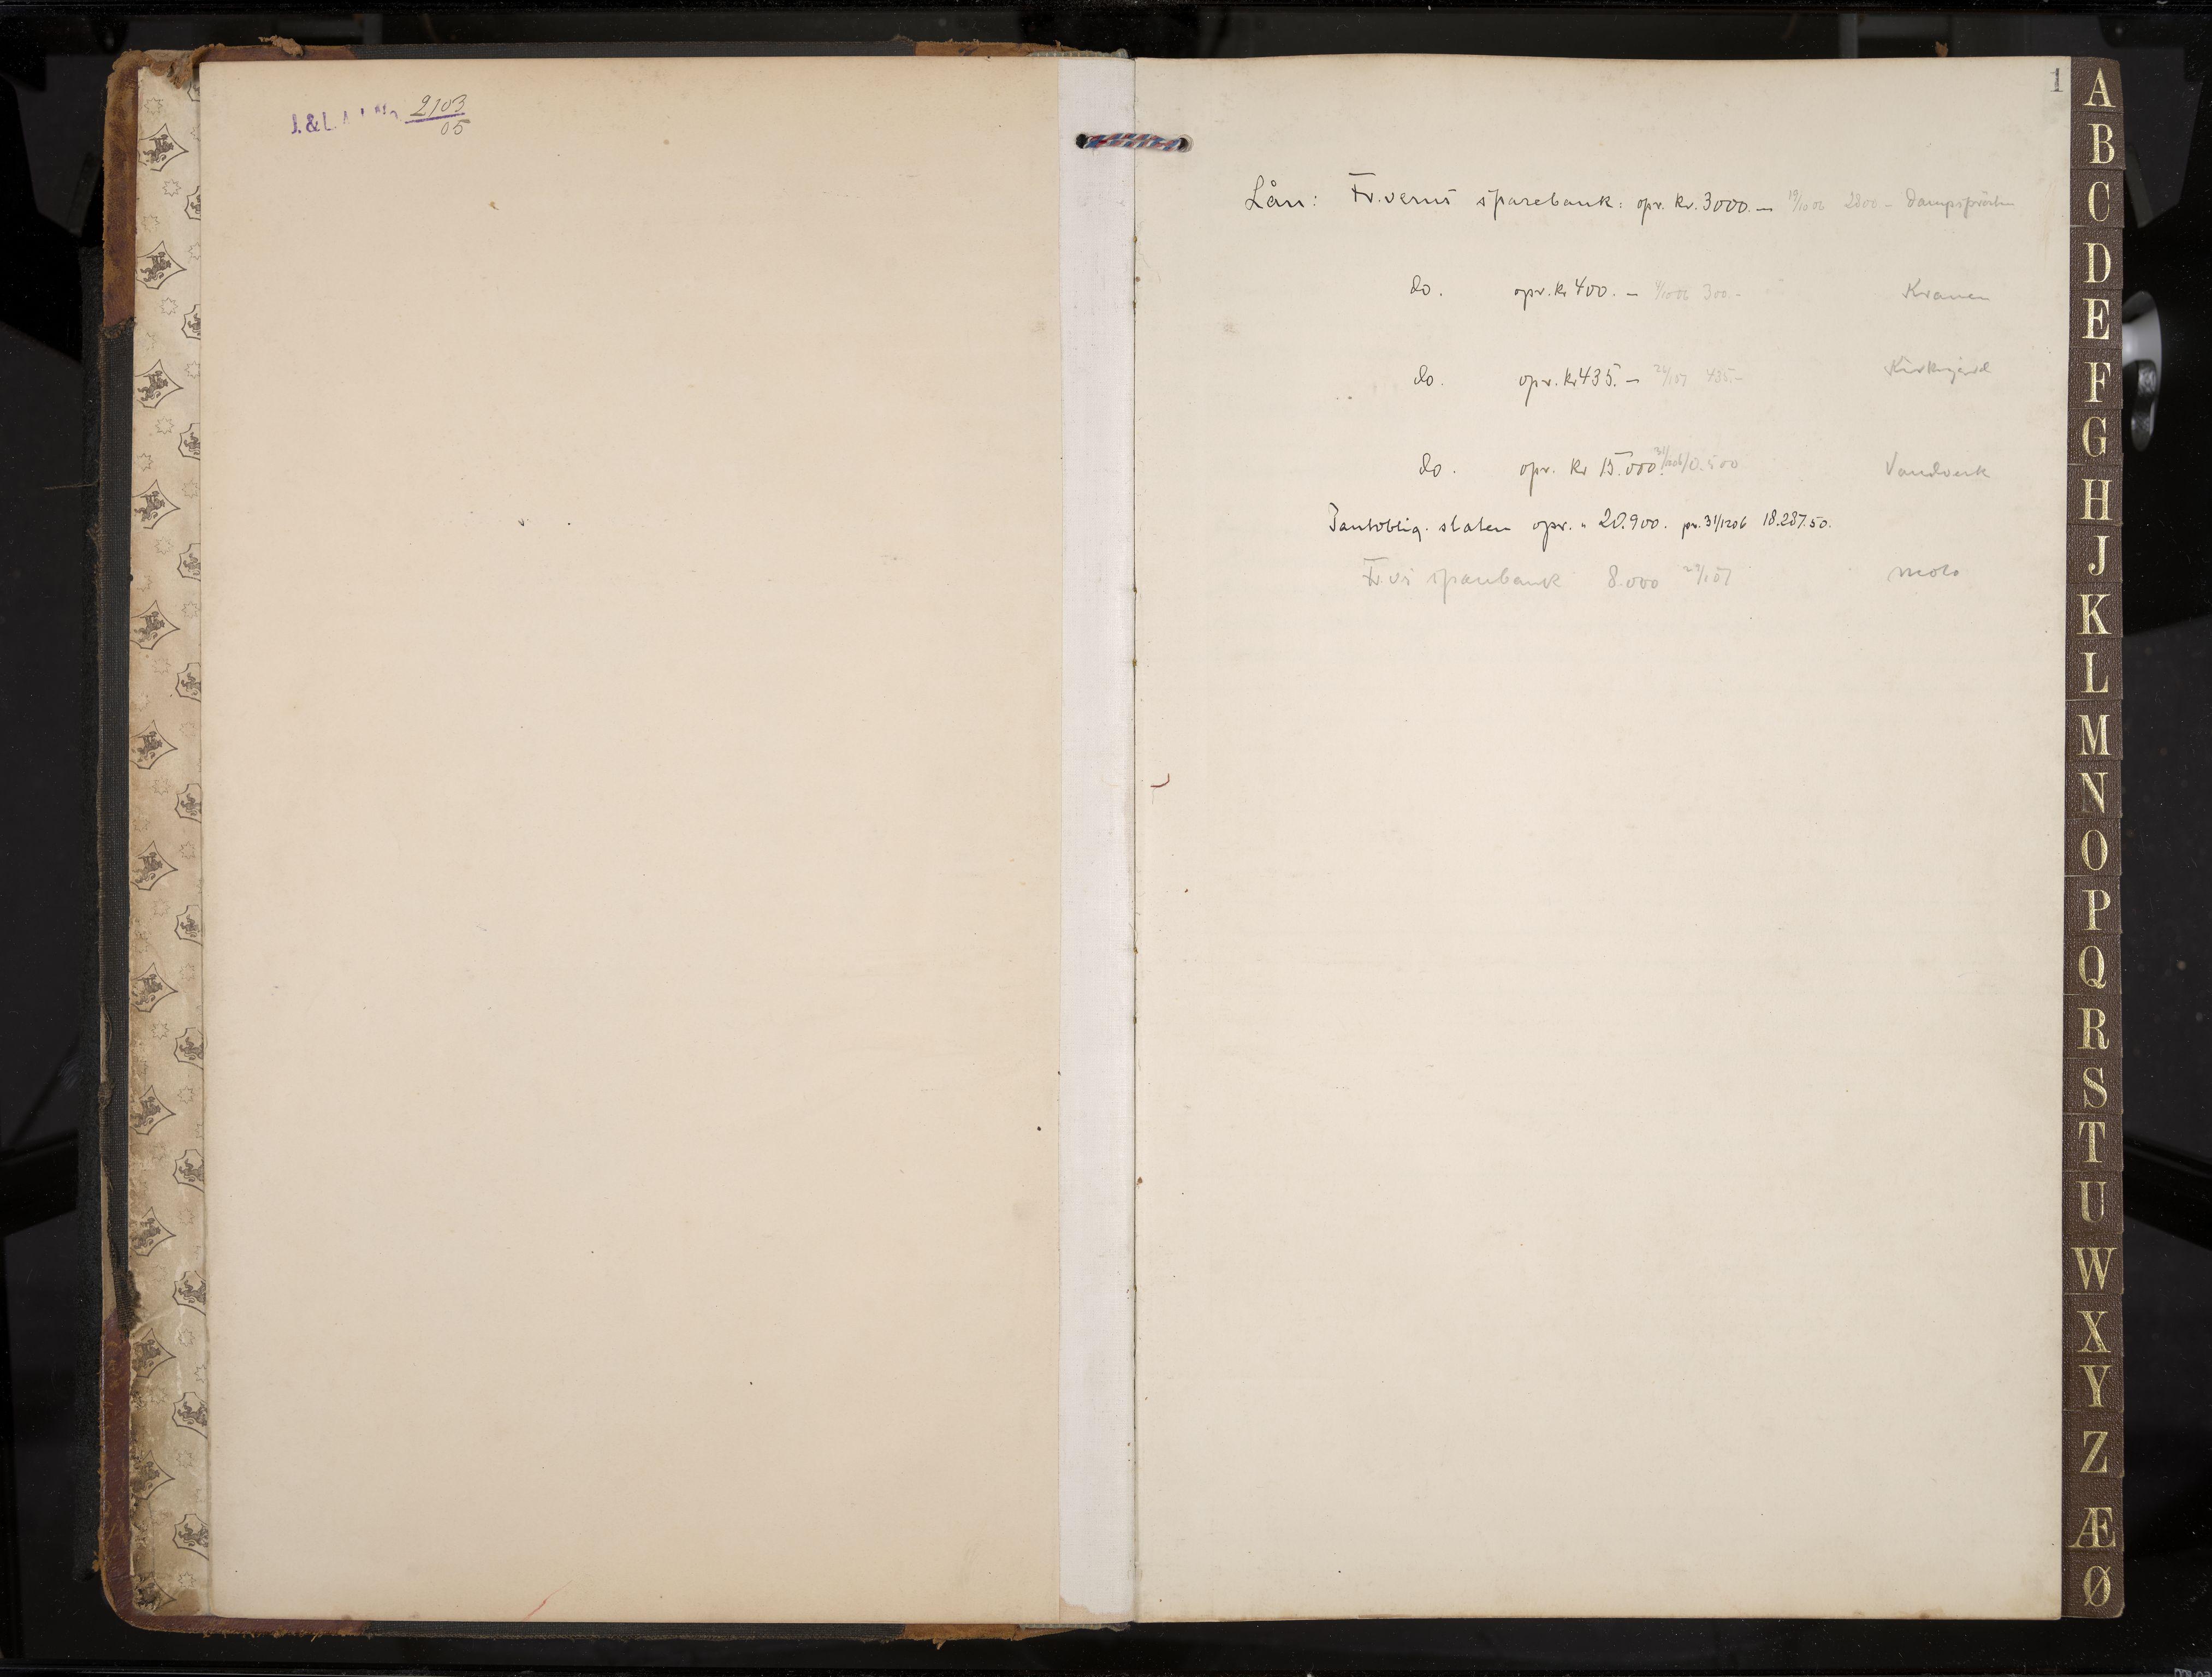 IKAK, Stavern formannskap, Aa/L0005: Møtebok med register, 1905-1917, s. 1